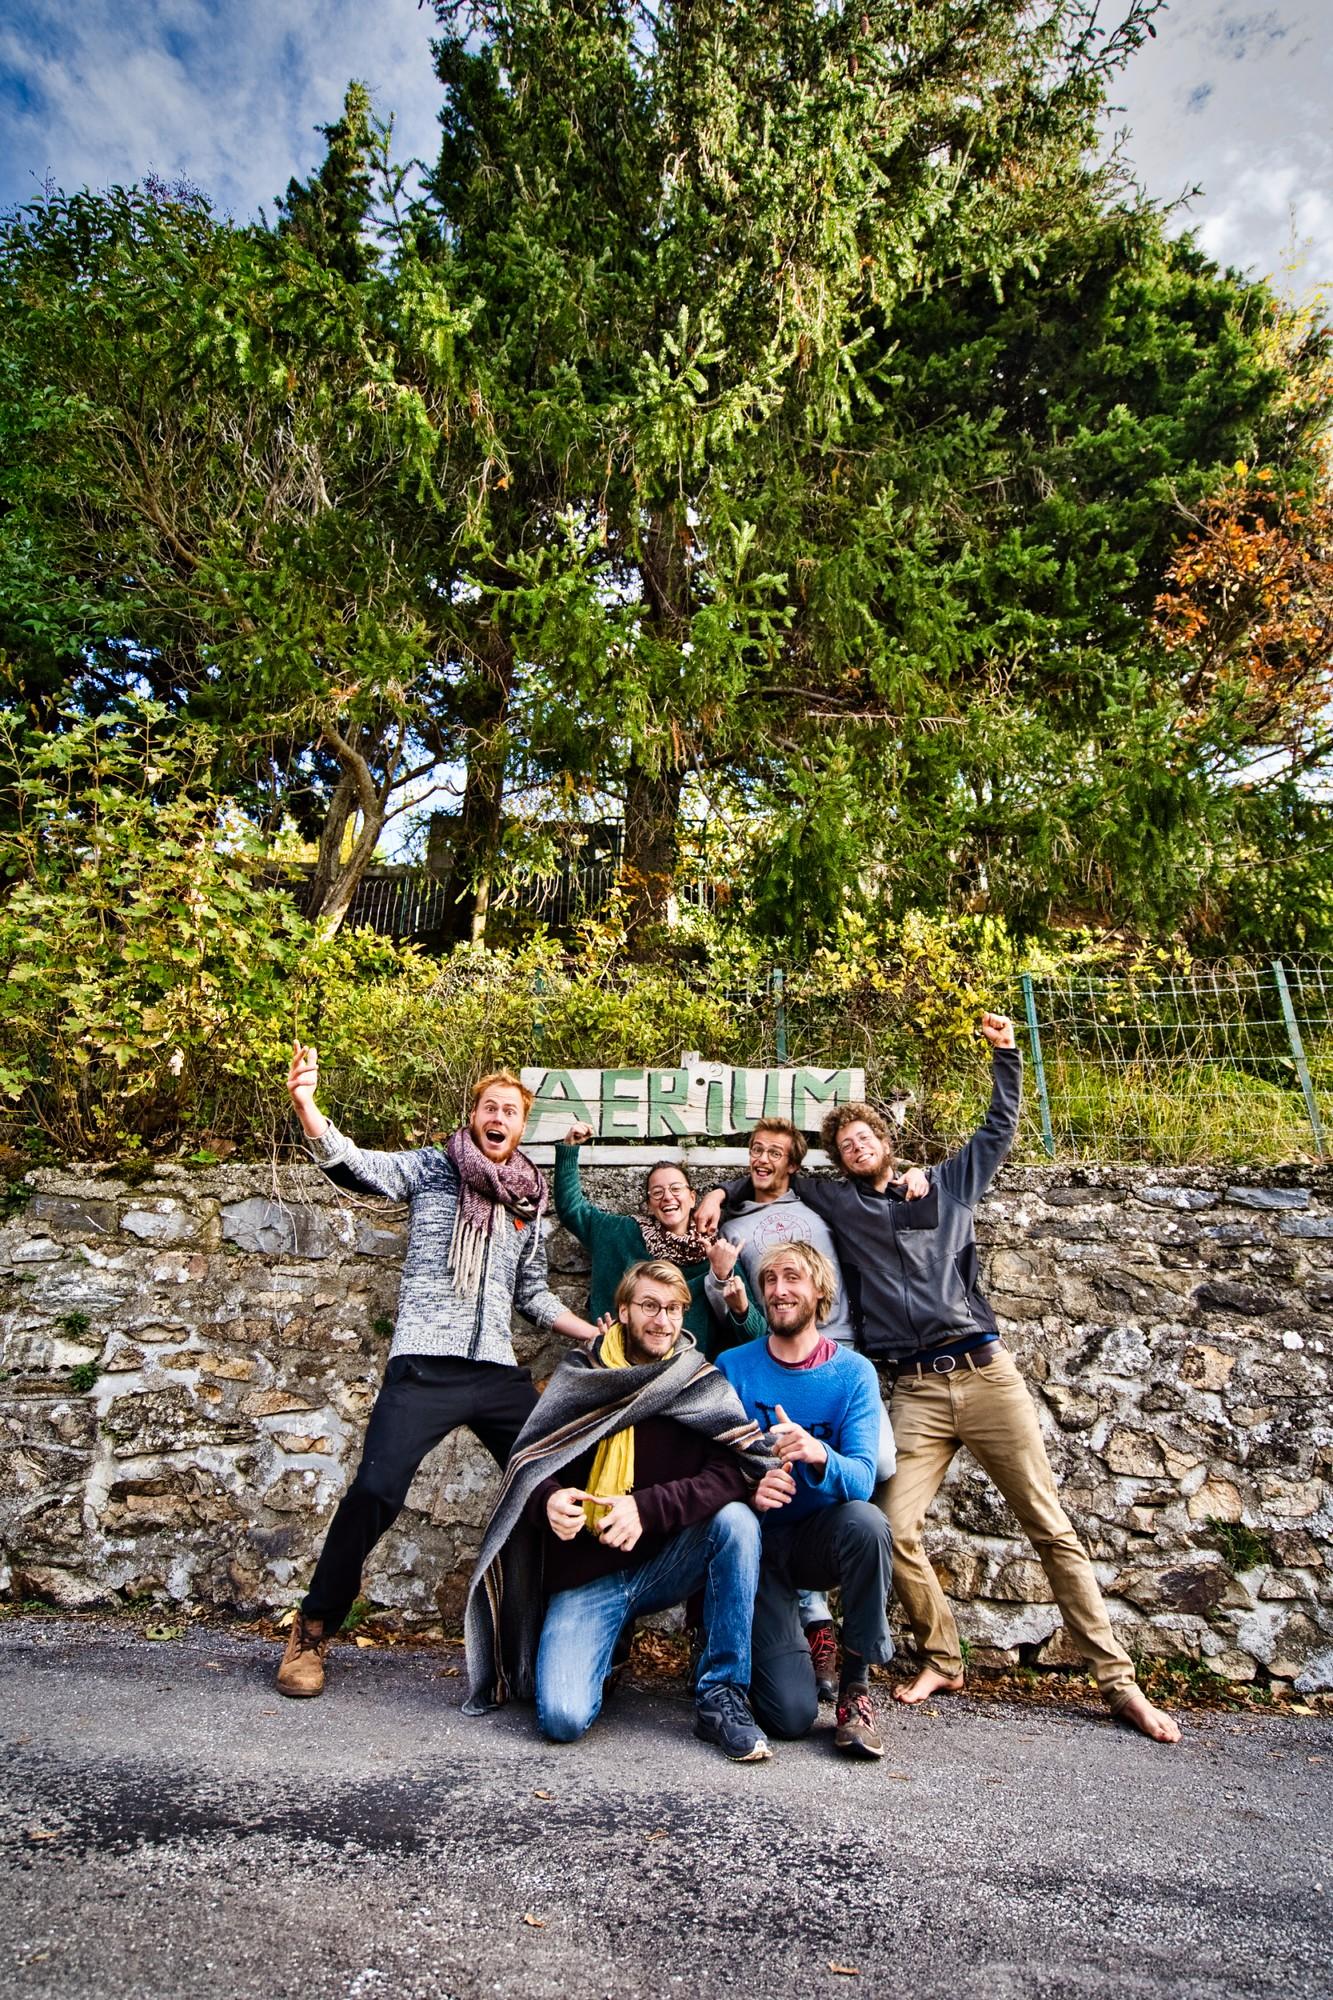 L'Aerium dans les Cévennes est le lieu où le collectif est resté le plus longtemps, trois mois. ©KevinSimon